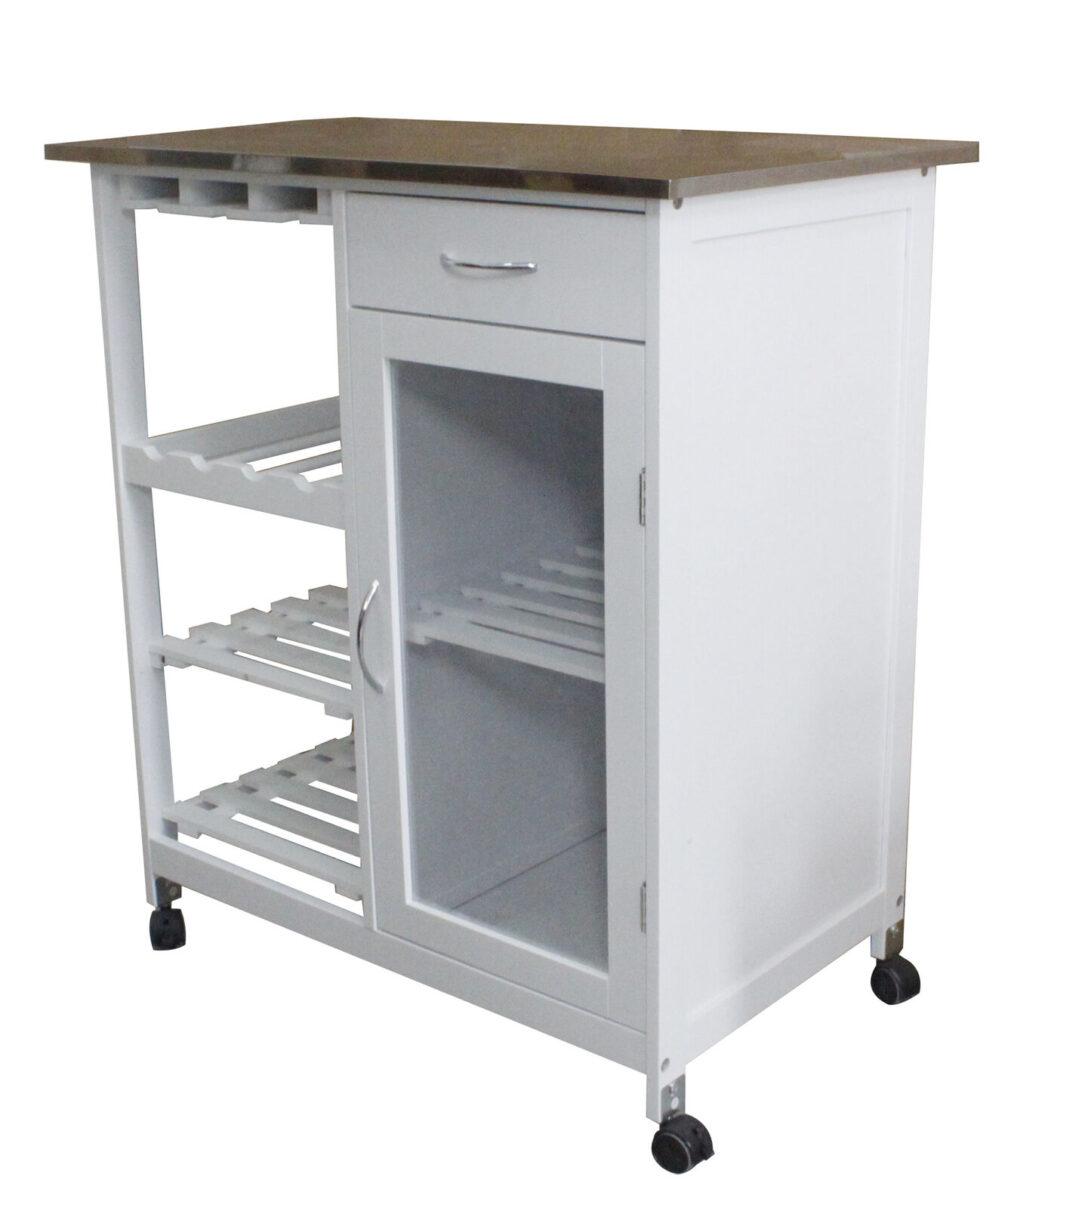 Large Size of Beistelltisch Für Küche Arbeitsplatten Mehr Als 10000 Angebote Miele Günstig Mit Elektrogeräten Led Deckenleuchte Armatur Inselküche Miniküche Wohnzimmer Beistelltisch Für Küche